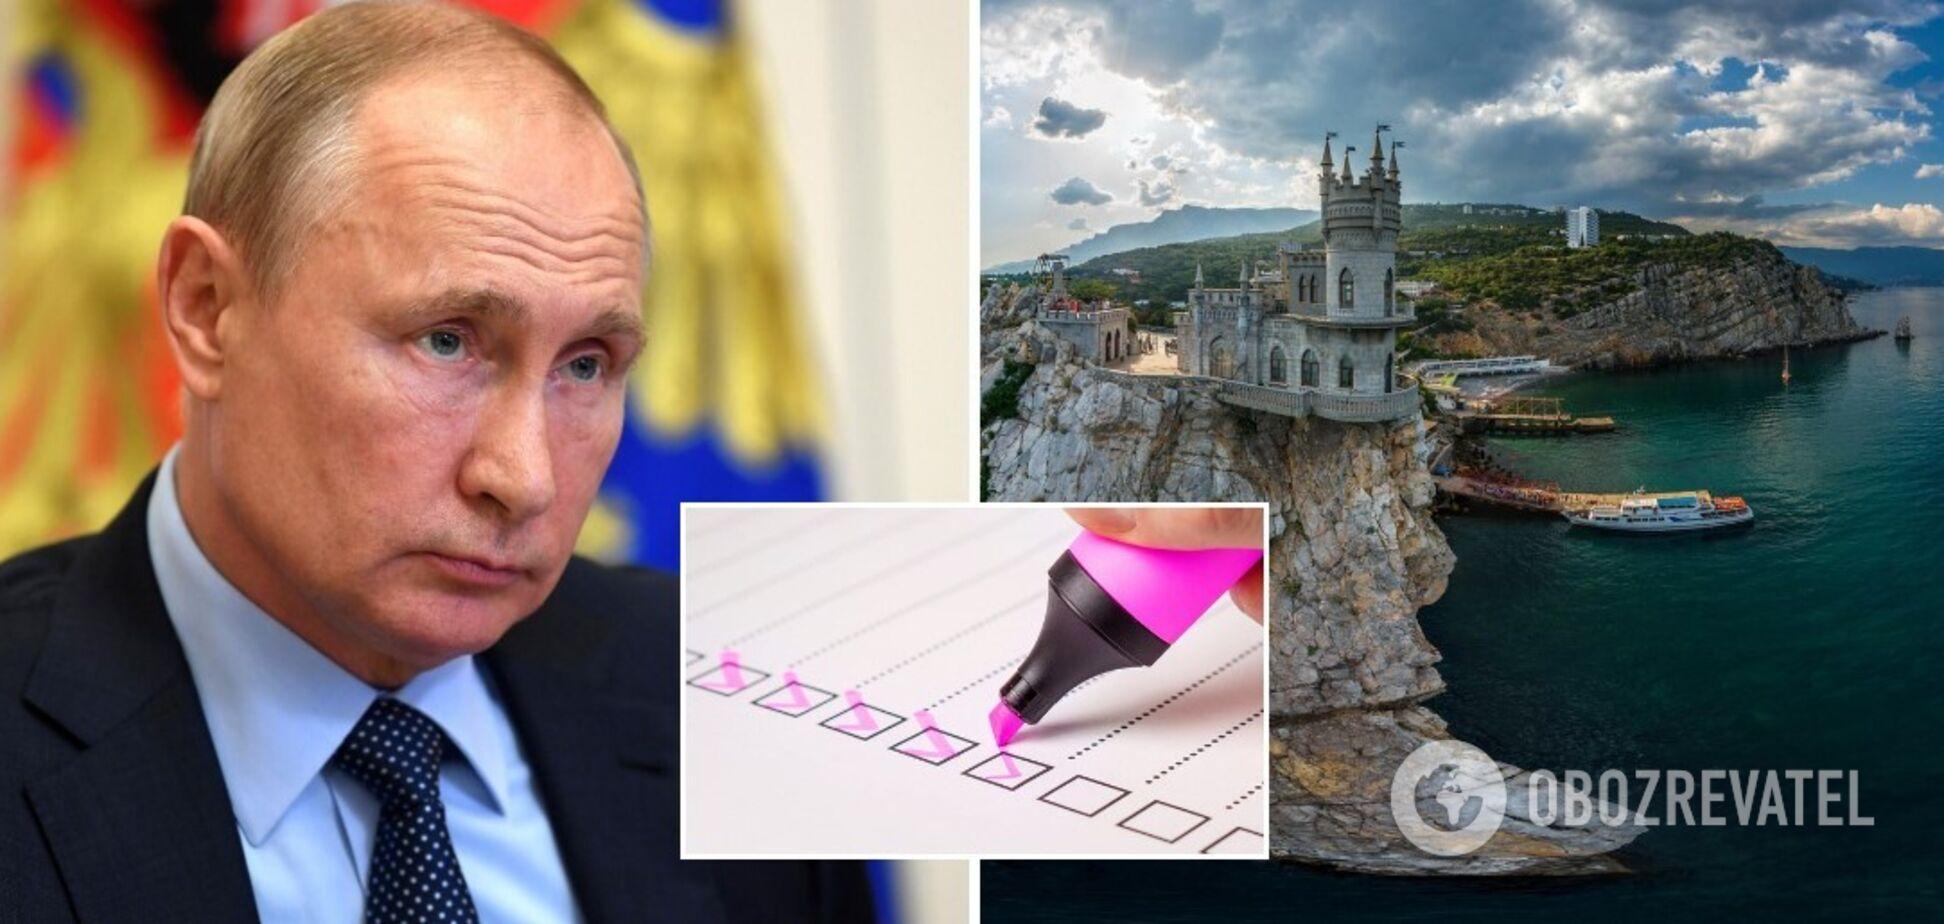 Жителі Росії продовжують підтримувати окупацію Криму і політику Путіна